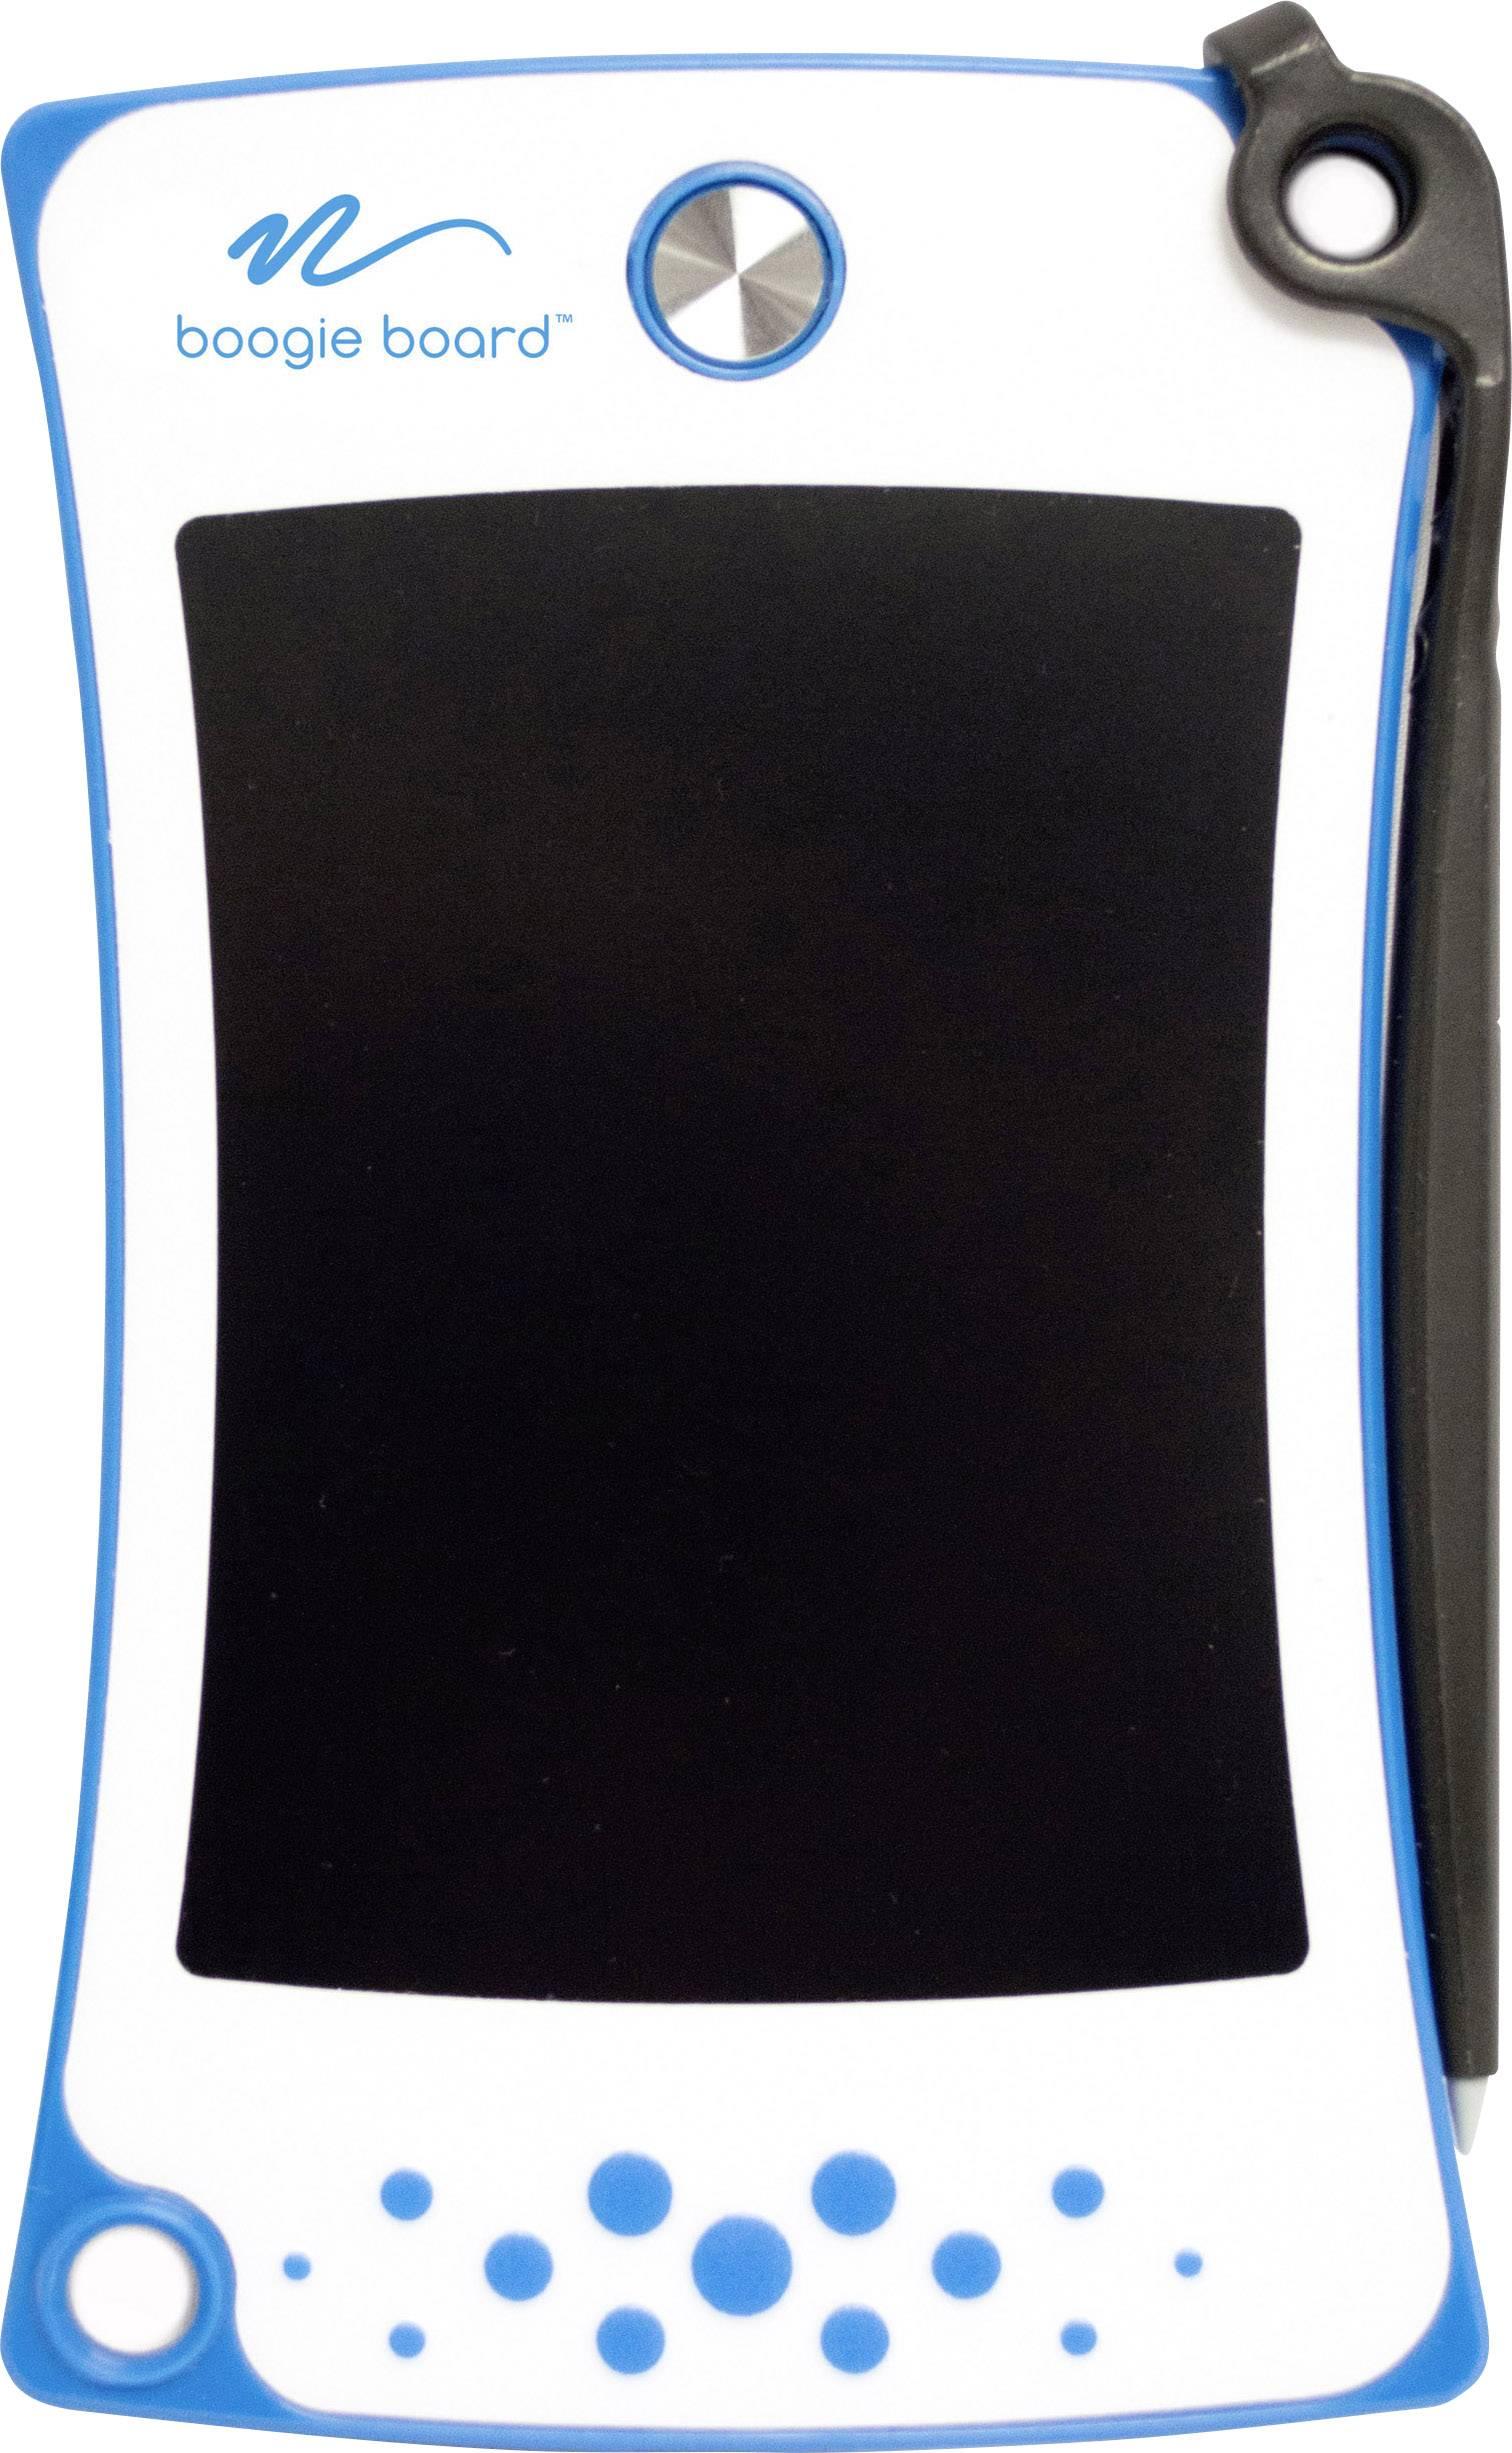 Digitální zápisník Boogie Board Jot 4.5 modrá, bílá